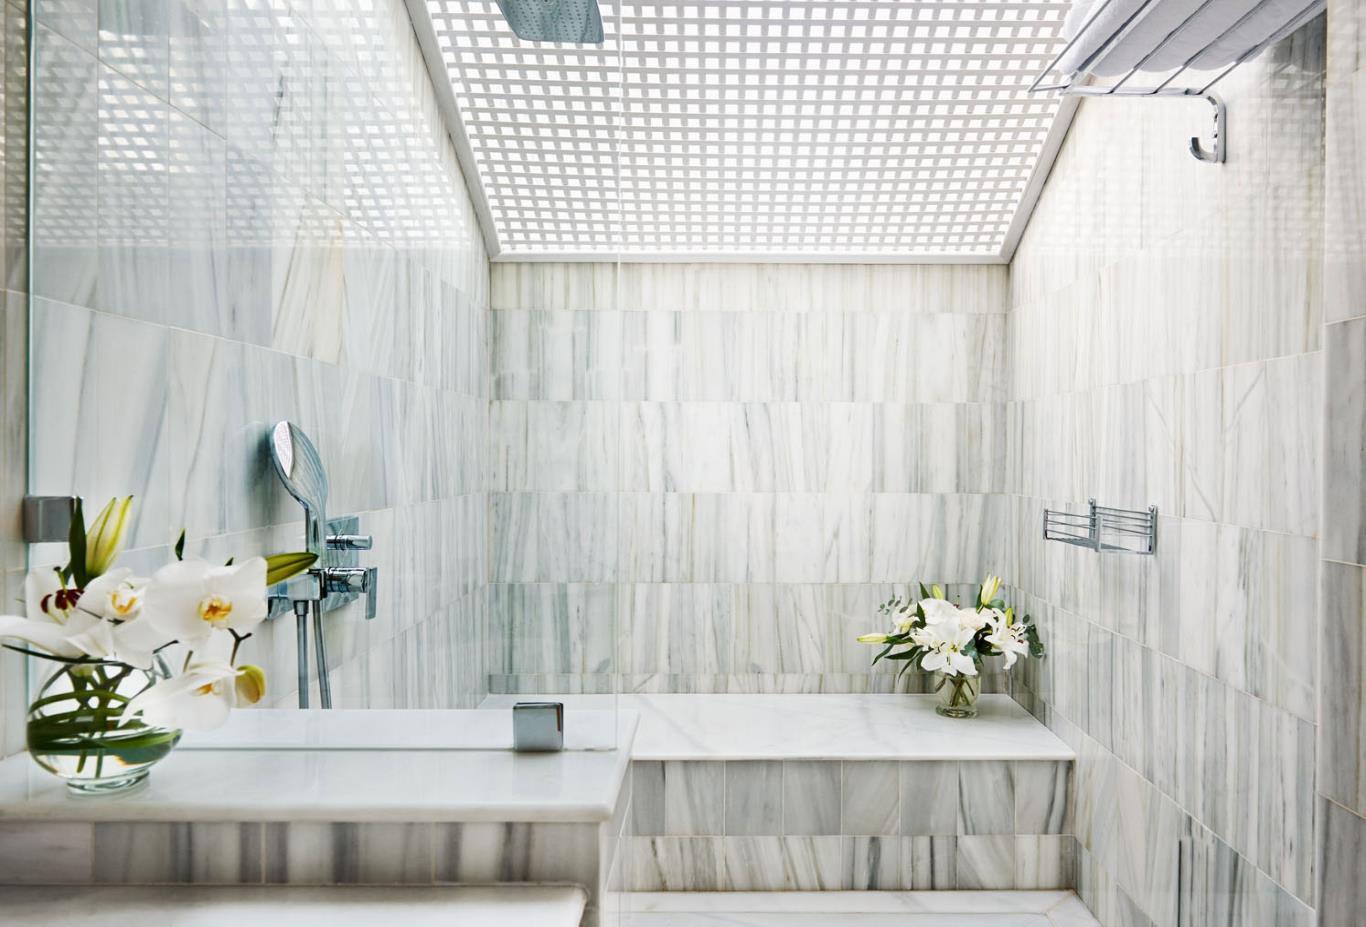 Villa Del Mar - Room 6 bathroom